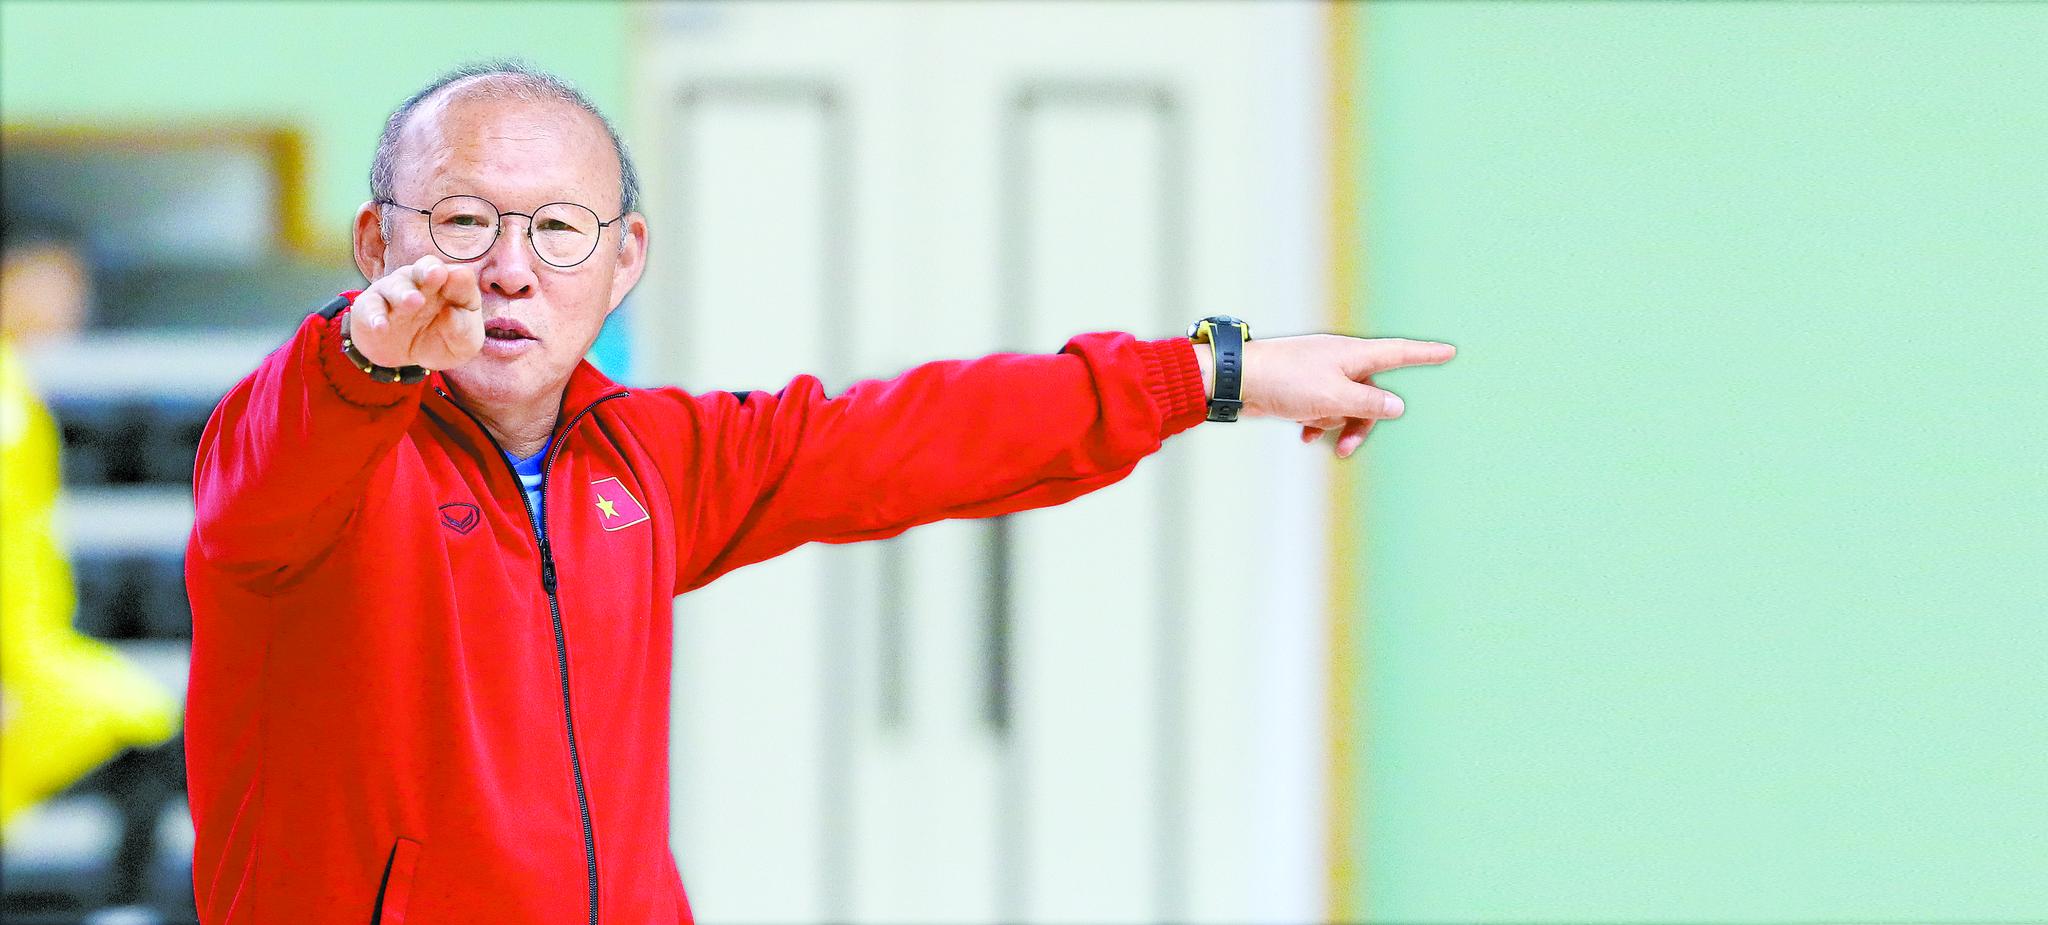 """동남아시안게임에서 우승하고 귀국한 박항서 감독은 '남은 축구 인생을 베트남에서 마무리하겠다""""는 말로 베트남 축구에 대한 애정을 드러냈다. [뉴시스]"""